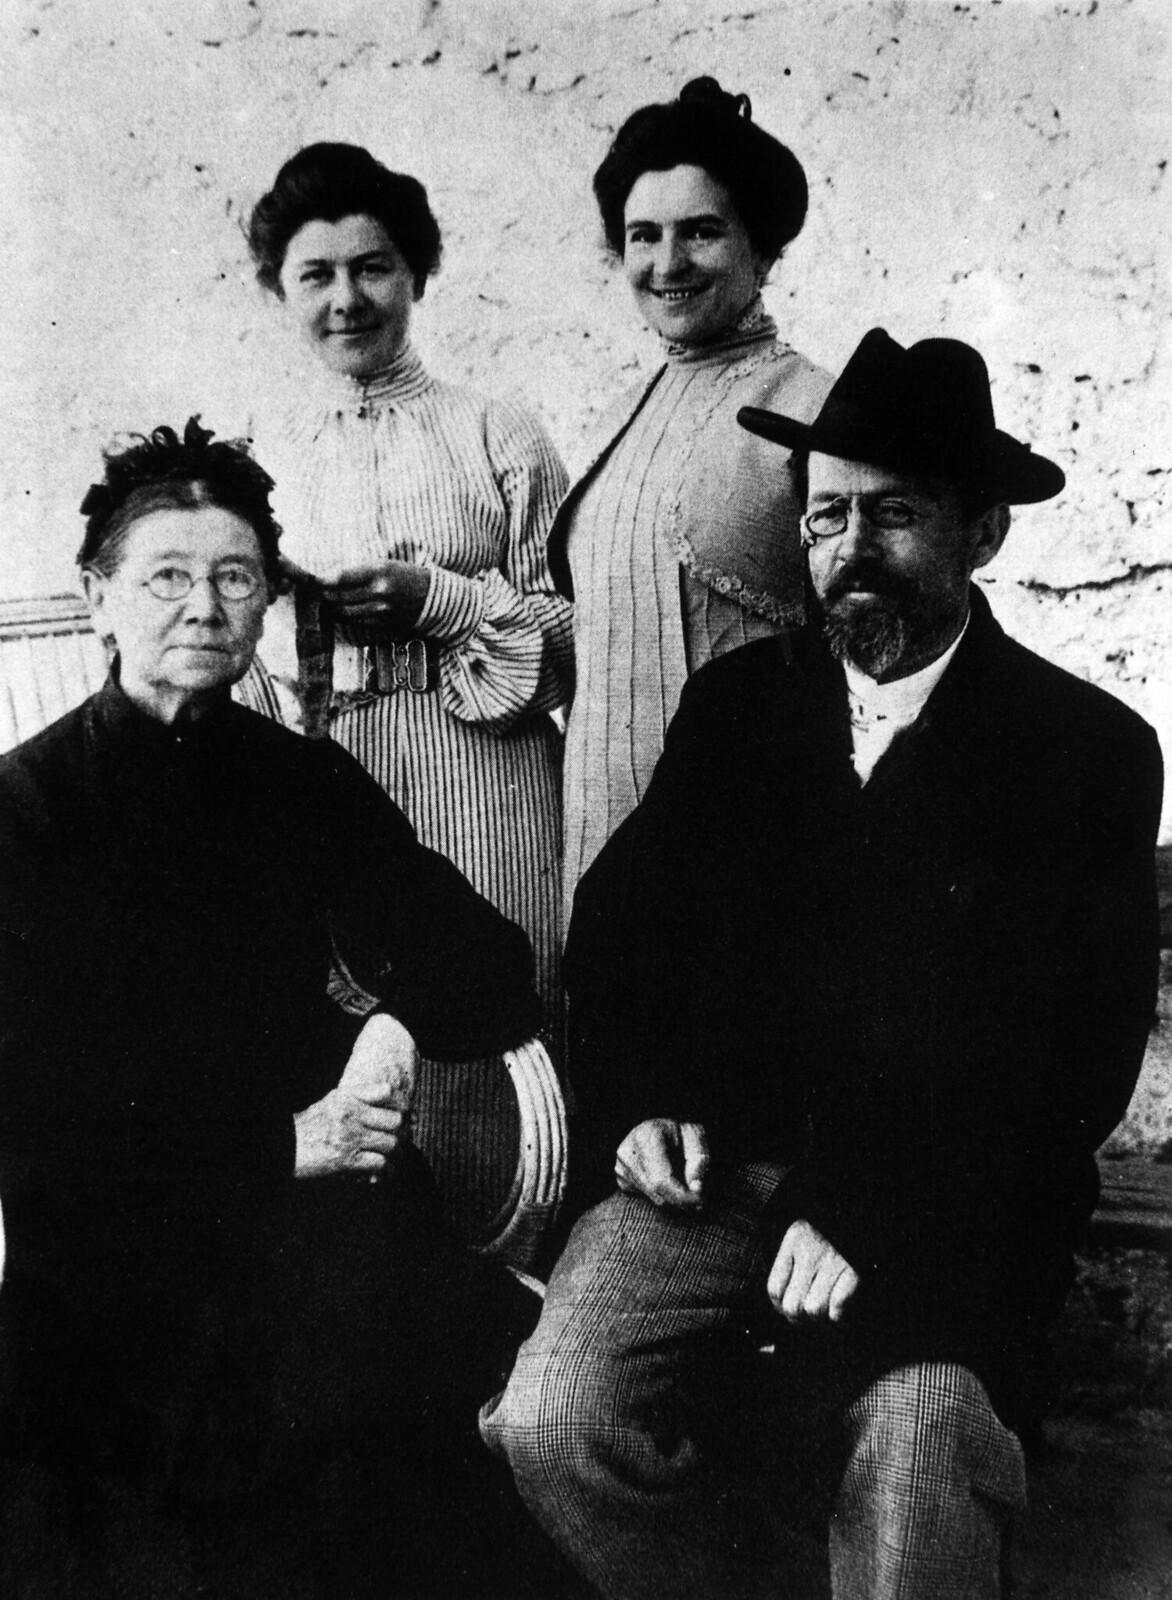 1899. Е. Я. Чехова, М. П. Чехова, О. Л. Книппер-Чехова, А. П. Чехов